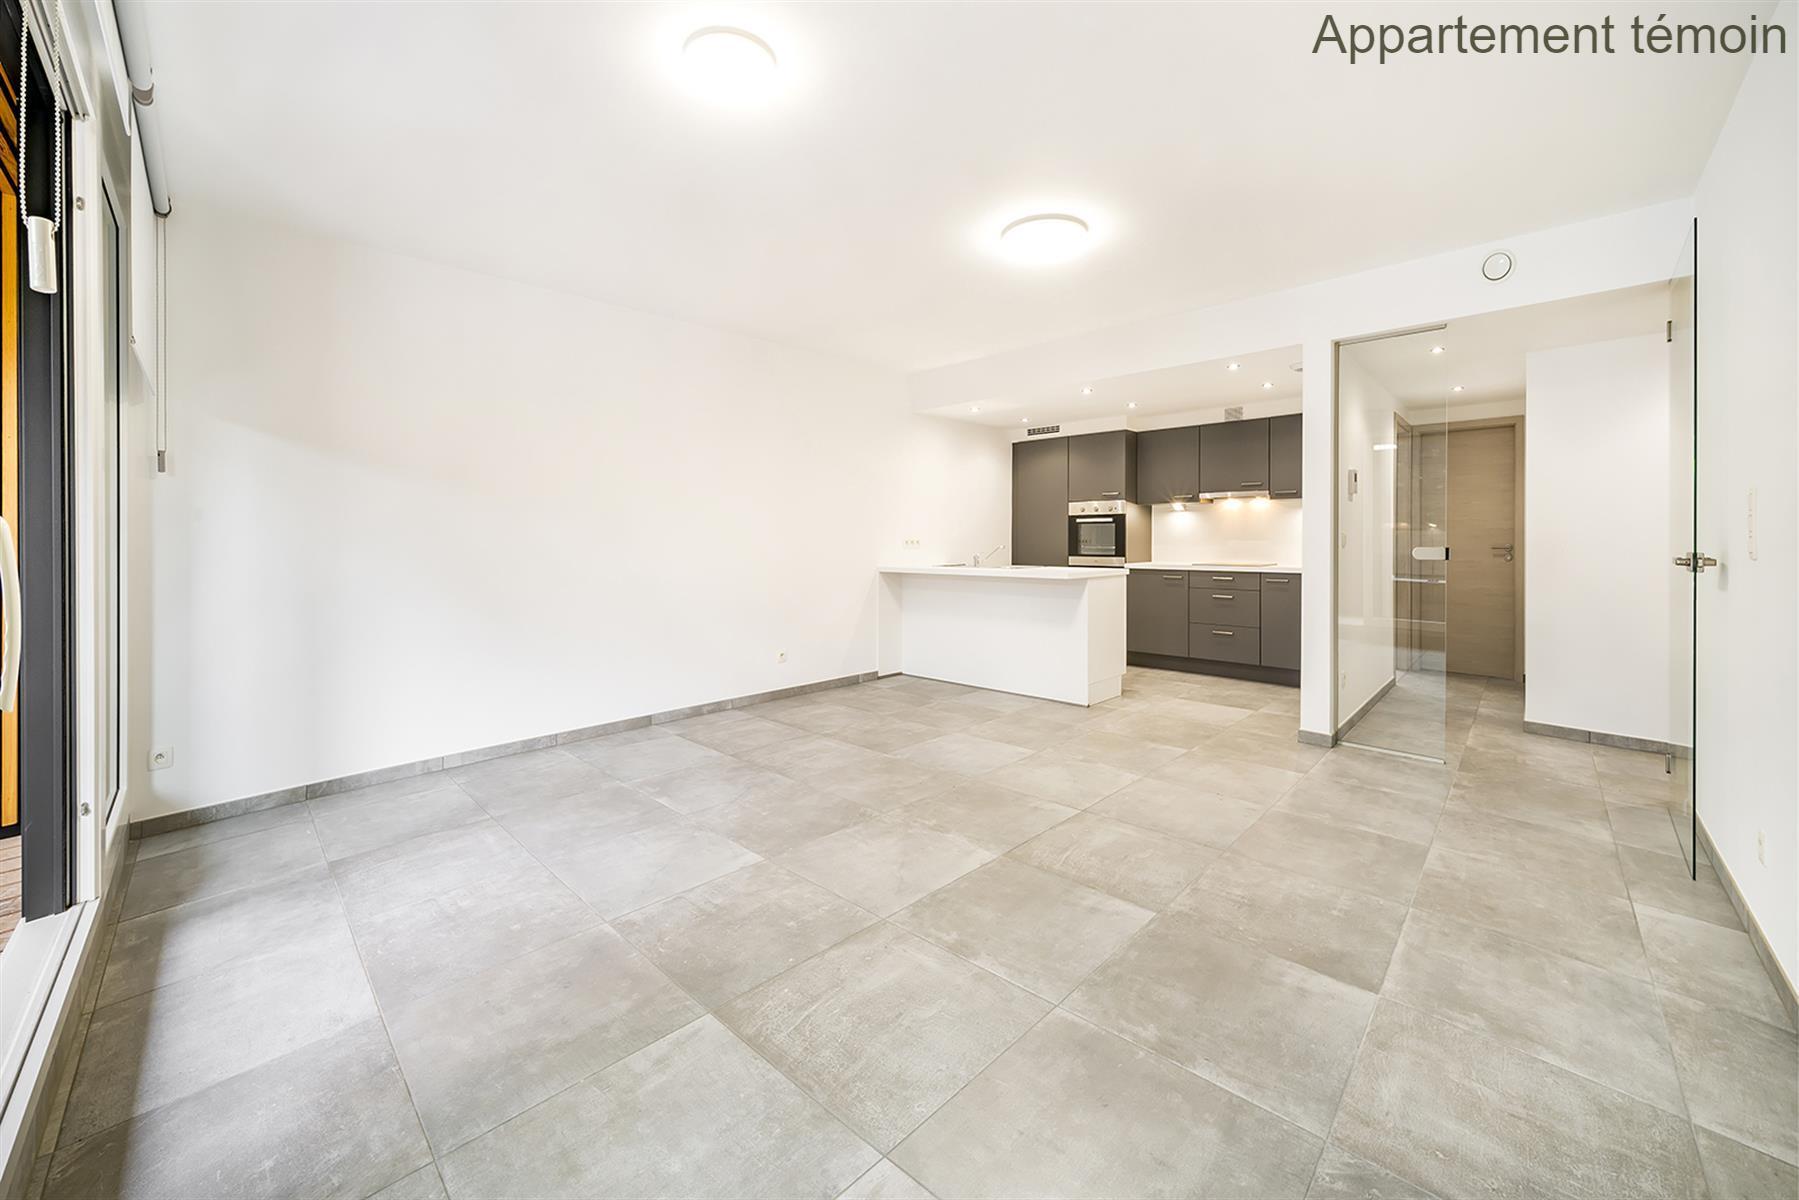 Appartement - Hannut - #3730193-10